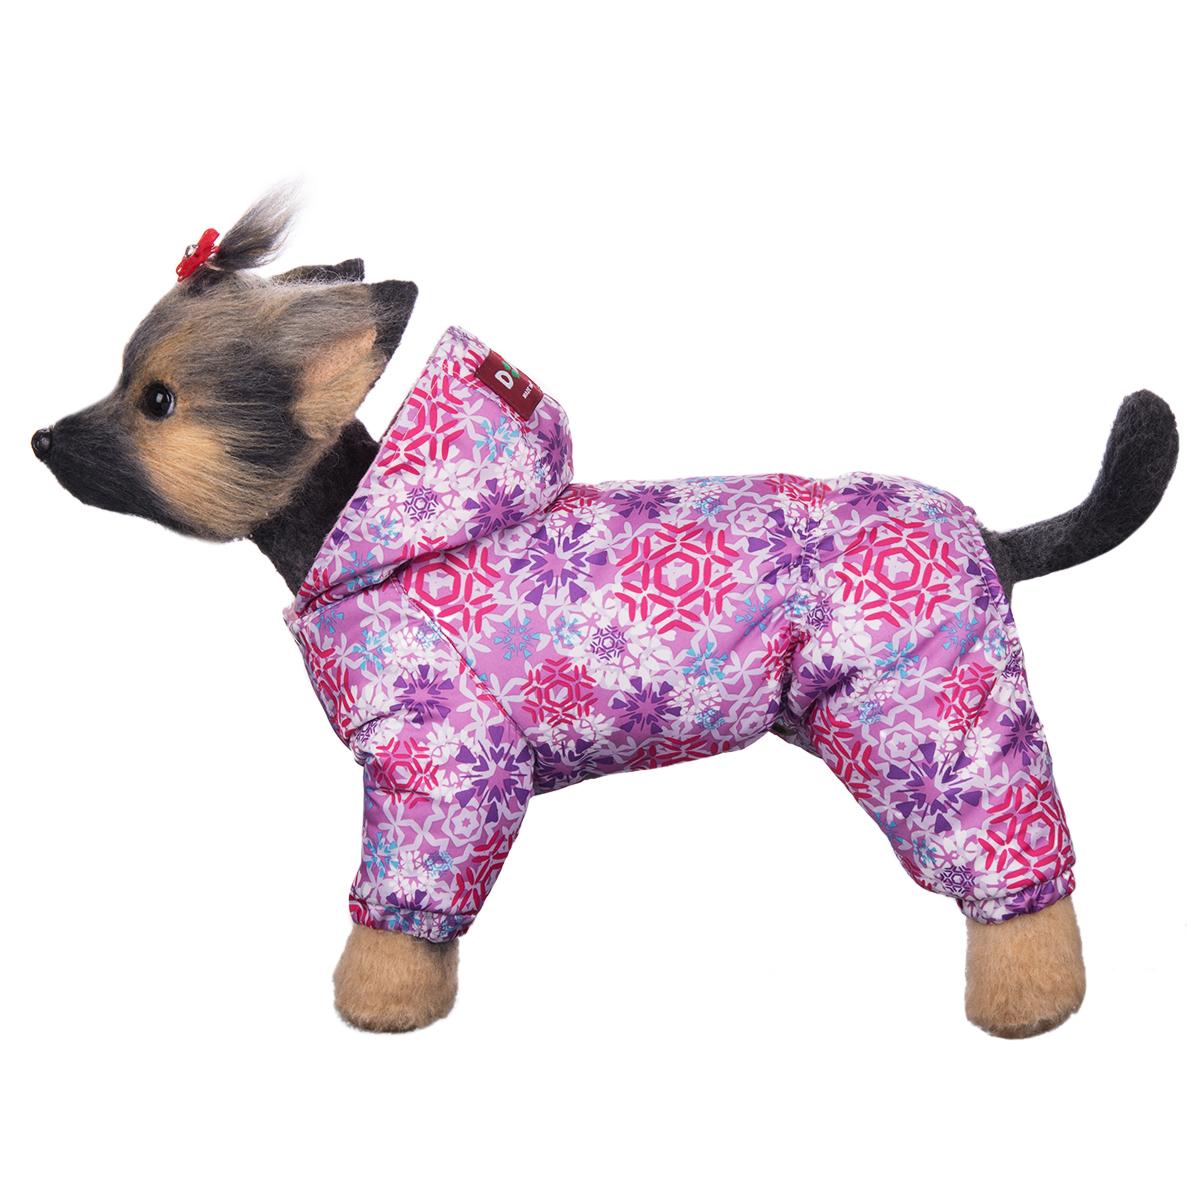 Комбинезон для собак Dogmoda Зима, для девочки. Размер 1 (S)DM-160259-1Зимний комбинезон для собак Dogmoda Зима отлично подойдет для прогулок в зимнее время года. Комбинезон изготовлен из полиэстера, защищающего от ветра и снега, с утеплителем из синтепона, который сохранит тепло даже в сильные морозы, а на подкладке используется искусственный мех, который обеспечивает отличный воздухообмен. Комбинезон с капюшоном застегивается на кнопки, благодаря чему его легко надевать и снимать. Капюшон не отстегивается. Низ рукавов и брючин оснащен внутренними резинками, которые мягко обхватывают лапки, не позволяя просачиваться холодному воздуху. Благодаря такому комбинезону простуда не грозит вашему питомцу.